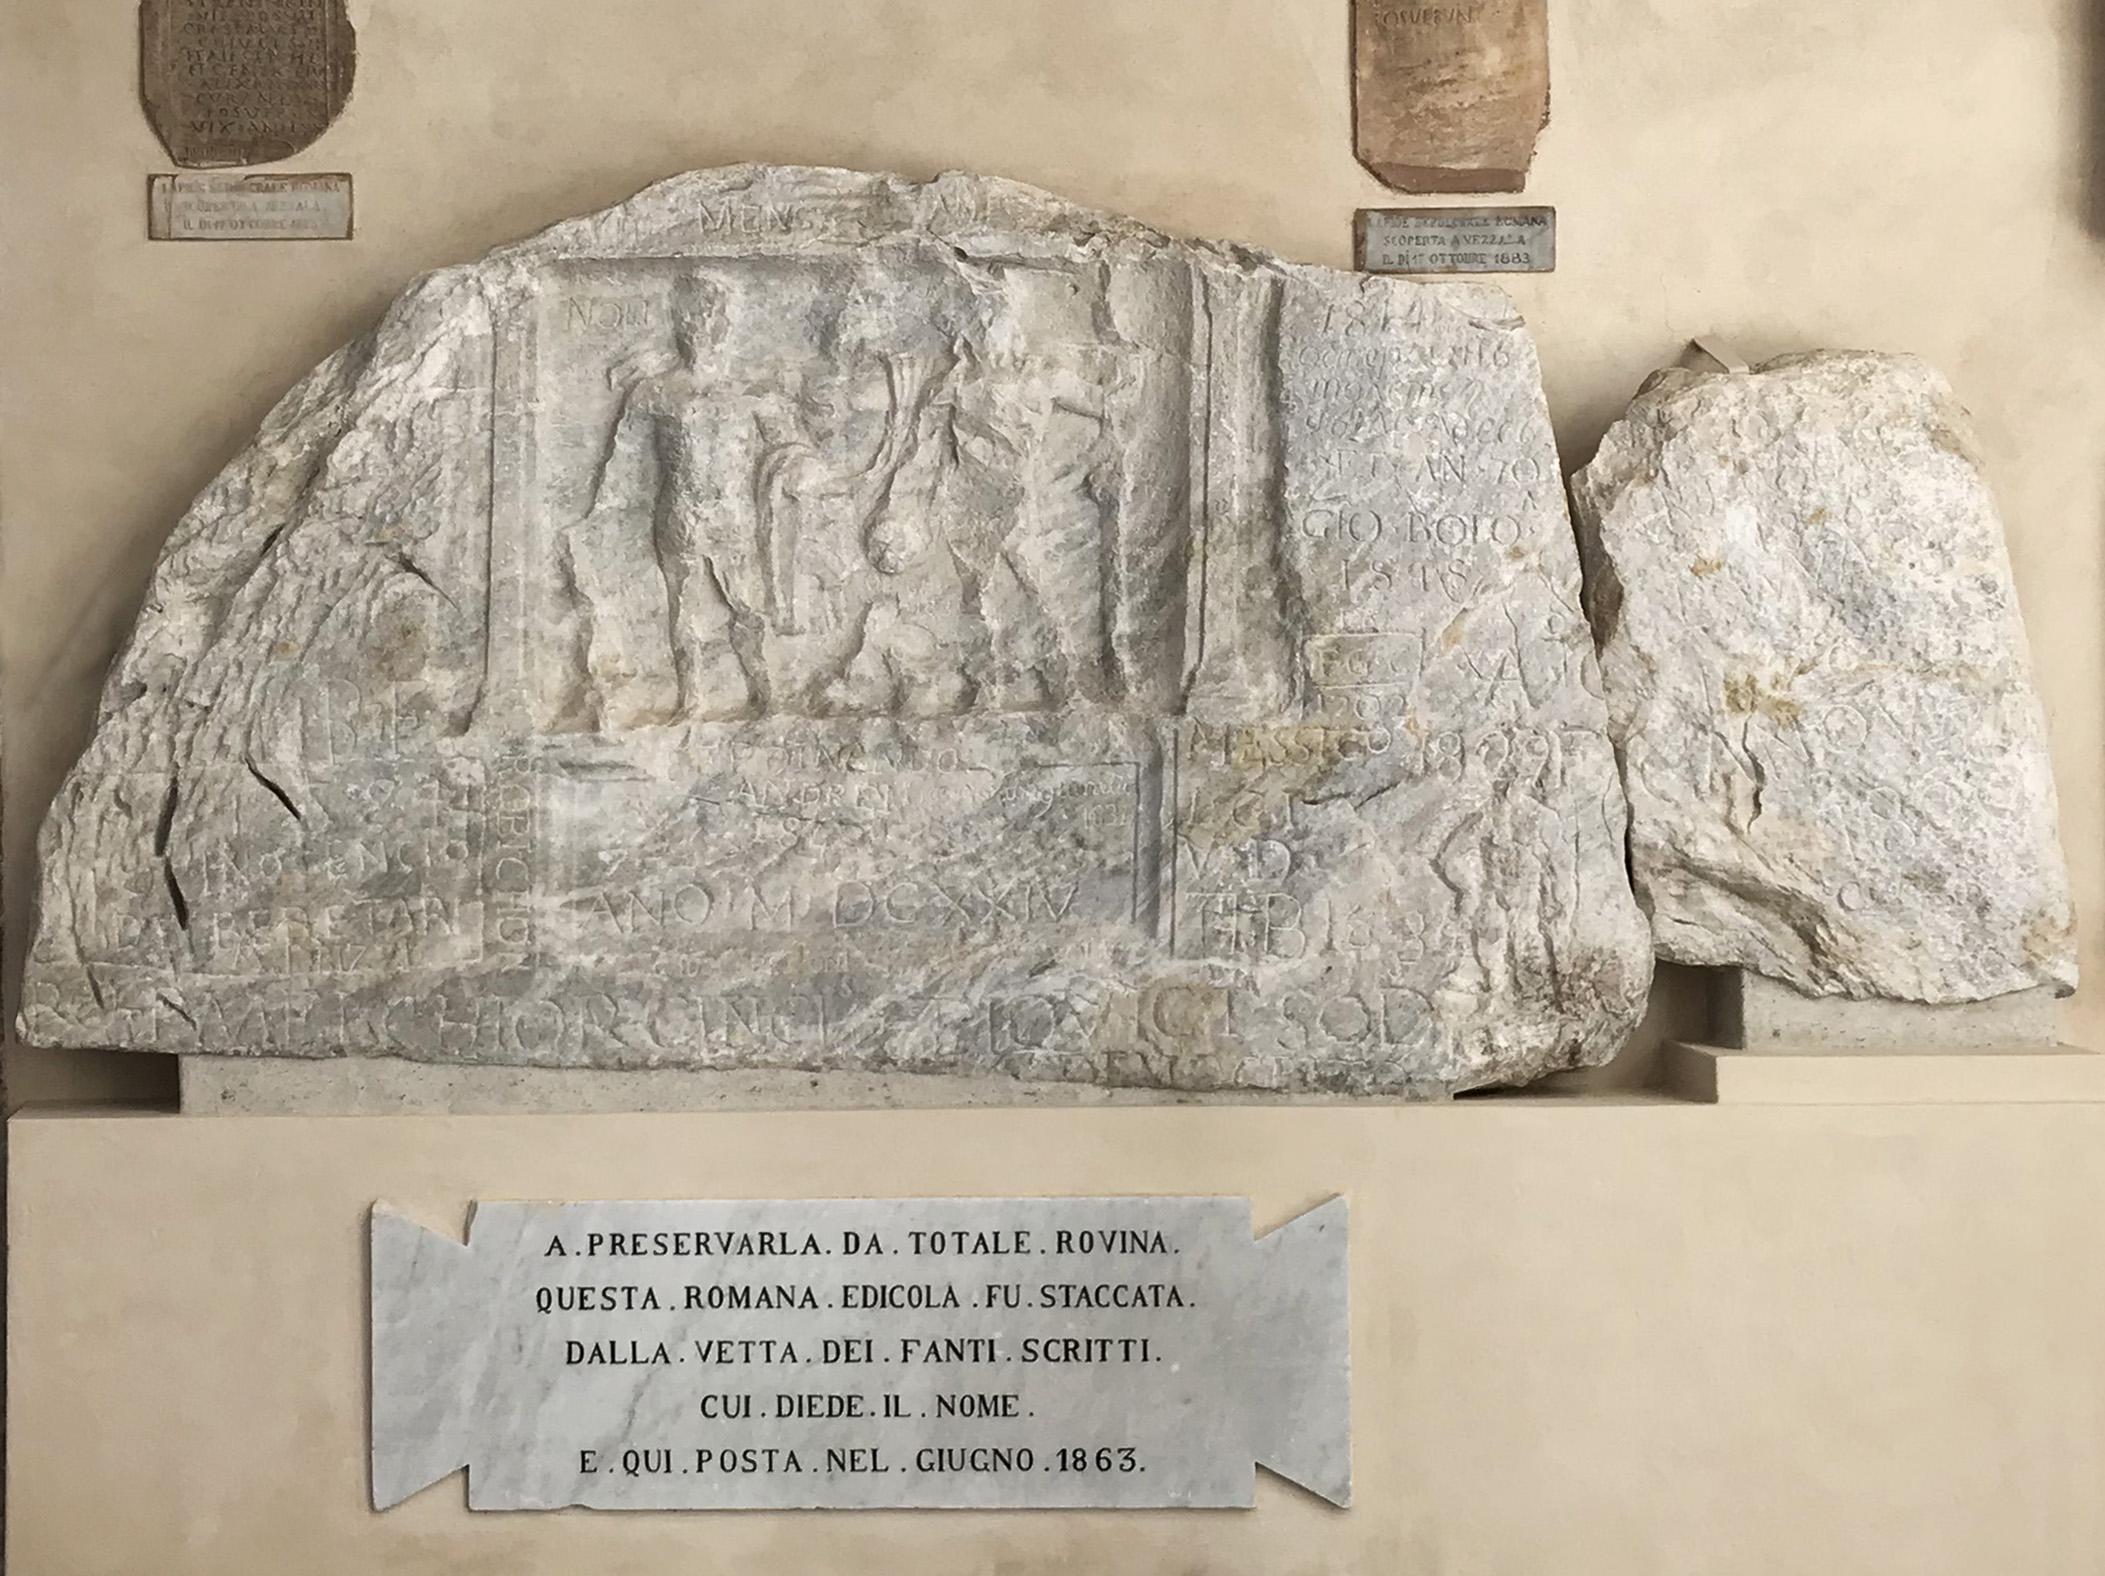 Carrara, termina il restauro dell'Edicola di Fantiscritti, bassorilievo del III secolo simbolo della città